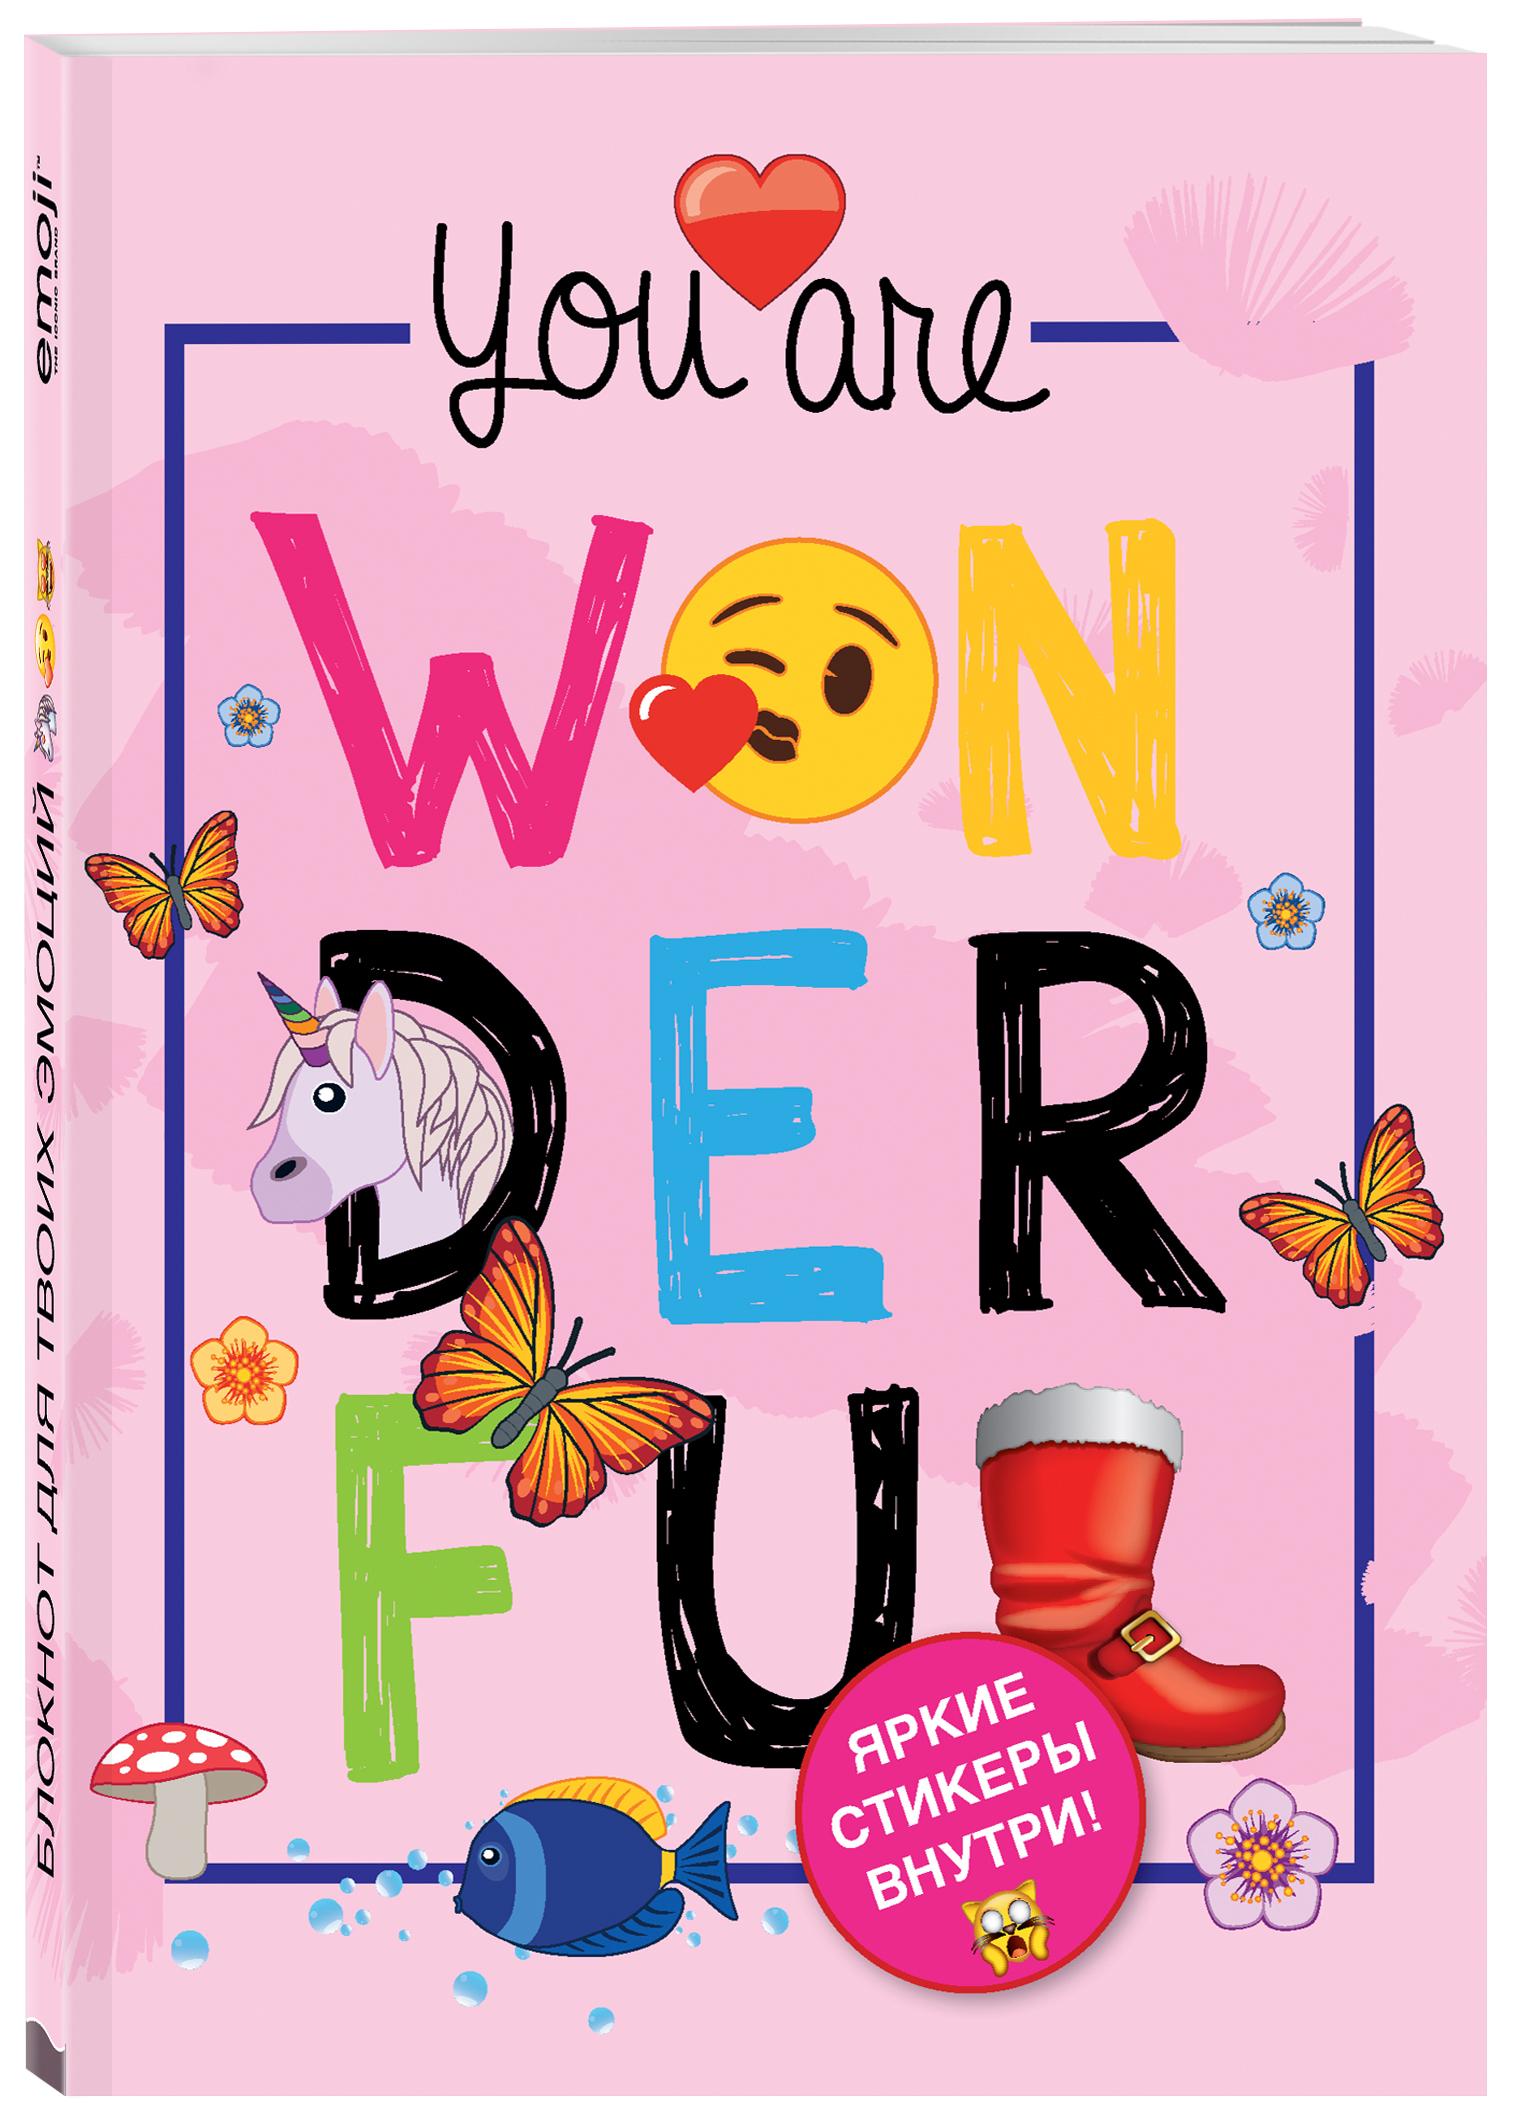 Блокнот. Эмодзи. You are wonderful! (со стикерами) блокноты эксмо блокнот романтика каждый день интерактивный блок